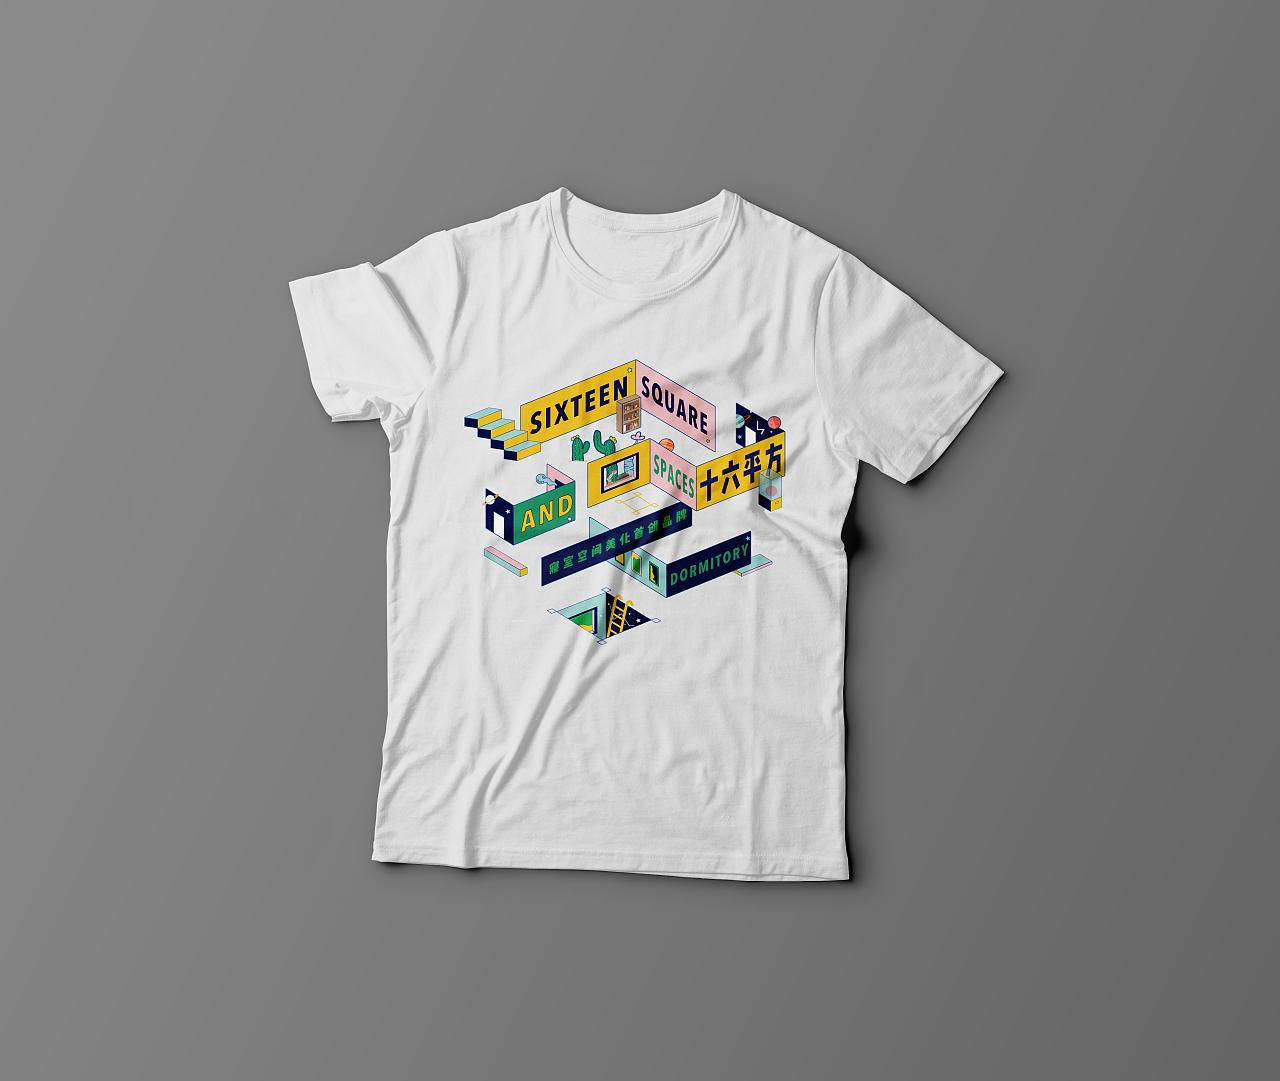 十年聚会文化衫设计图案素材?10年同学聚会文化衫定制